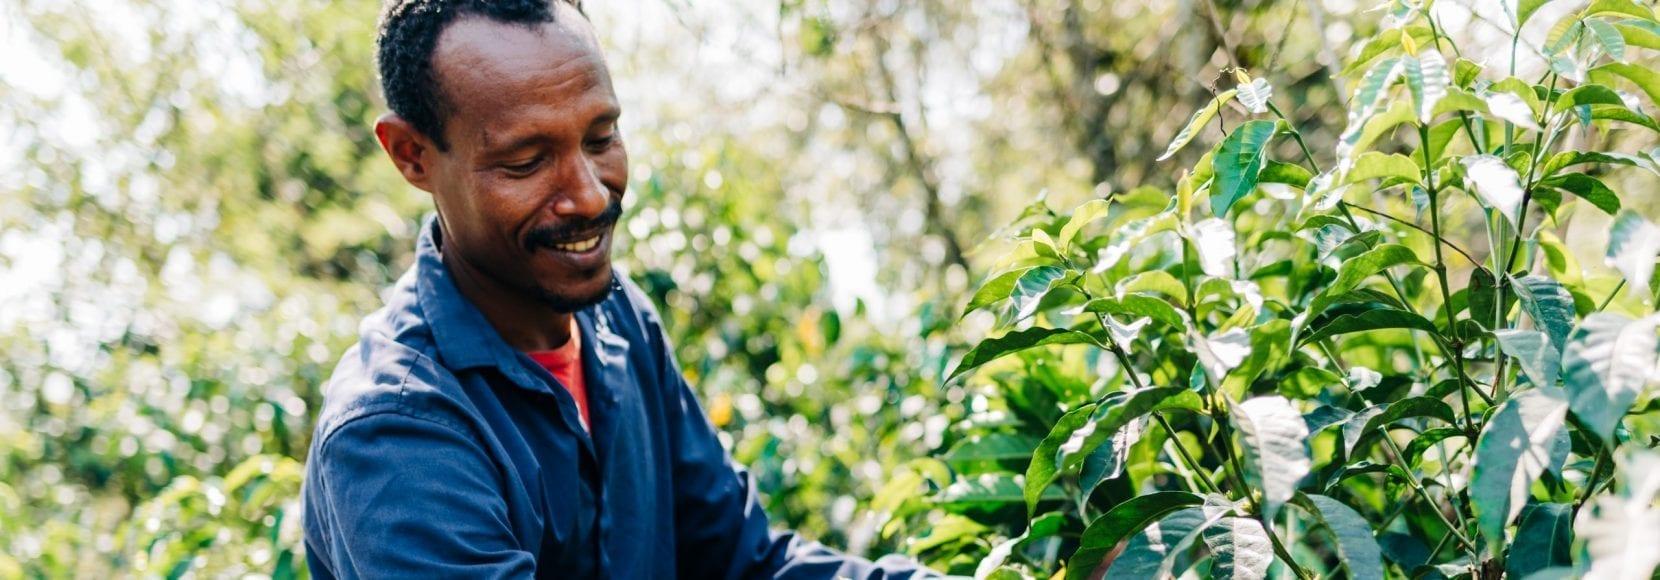 Adugna Feye is a coffee farmer in western Ethiopia